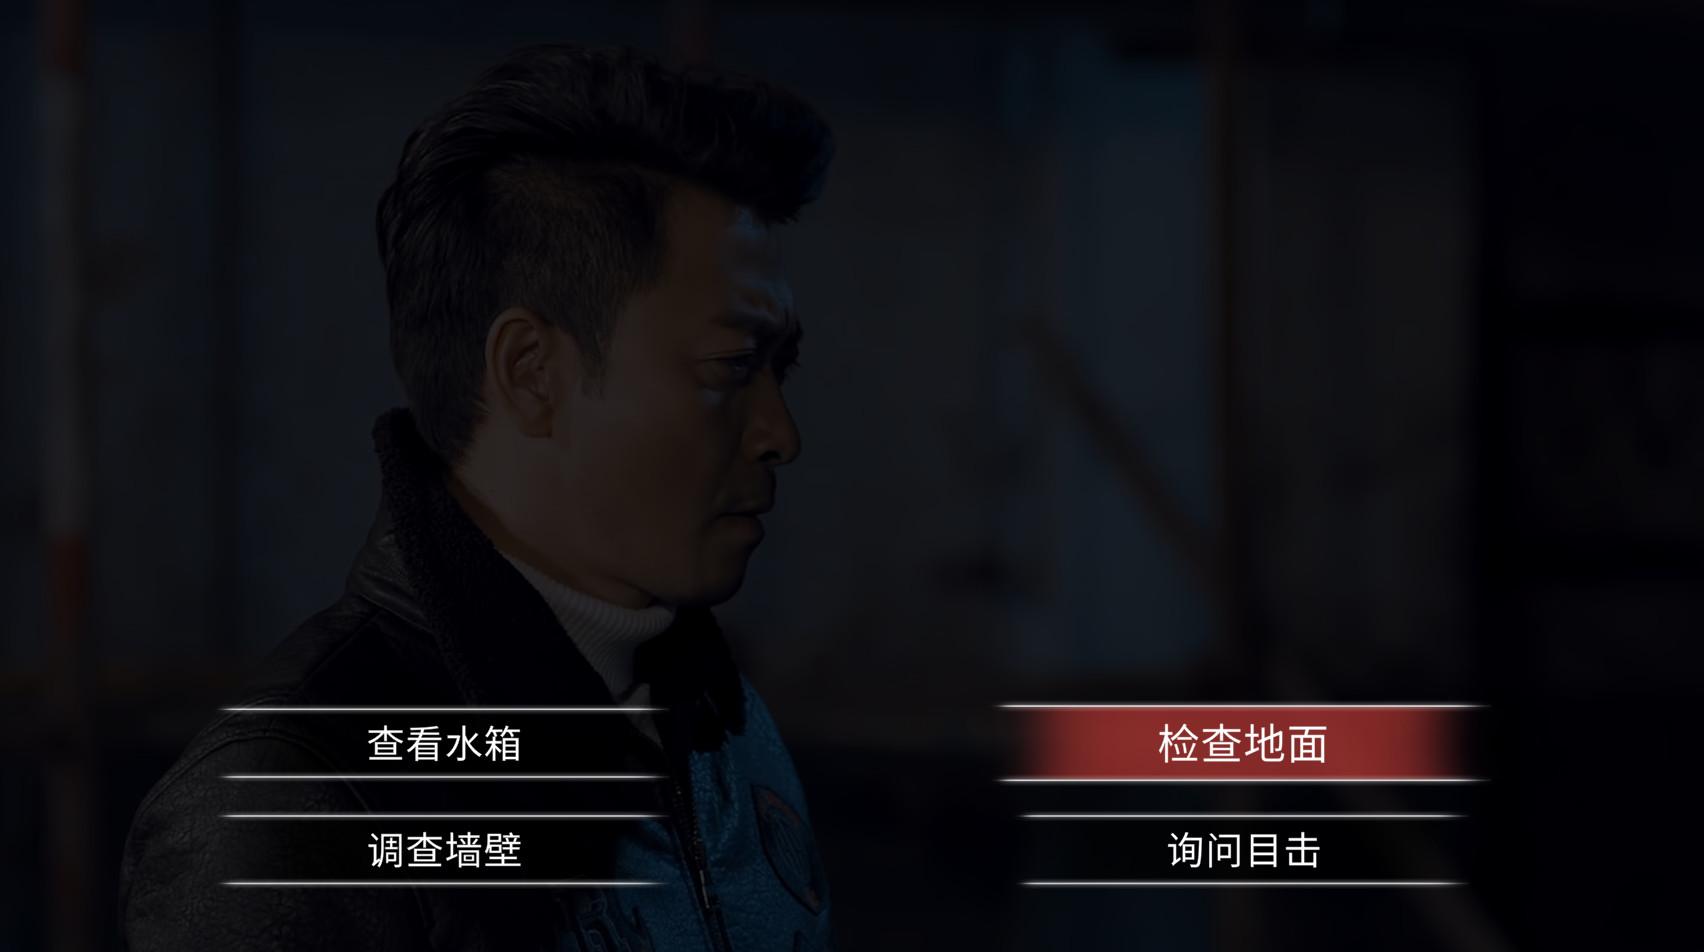 审判者(高清重制全章节版)插图3